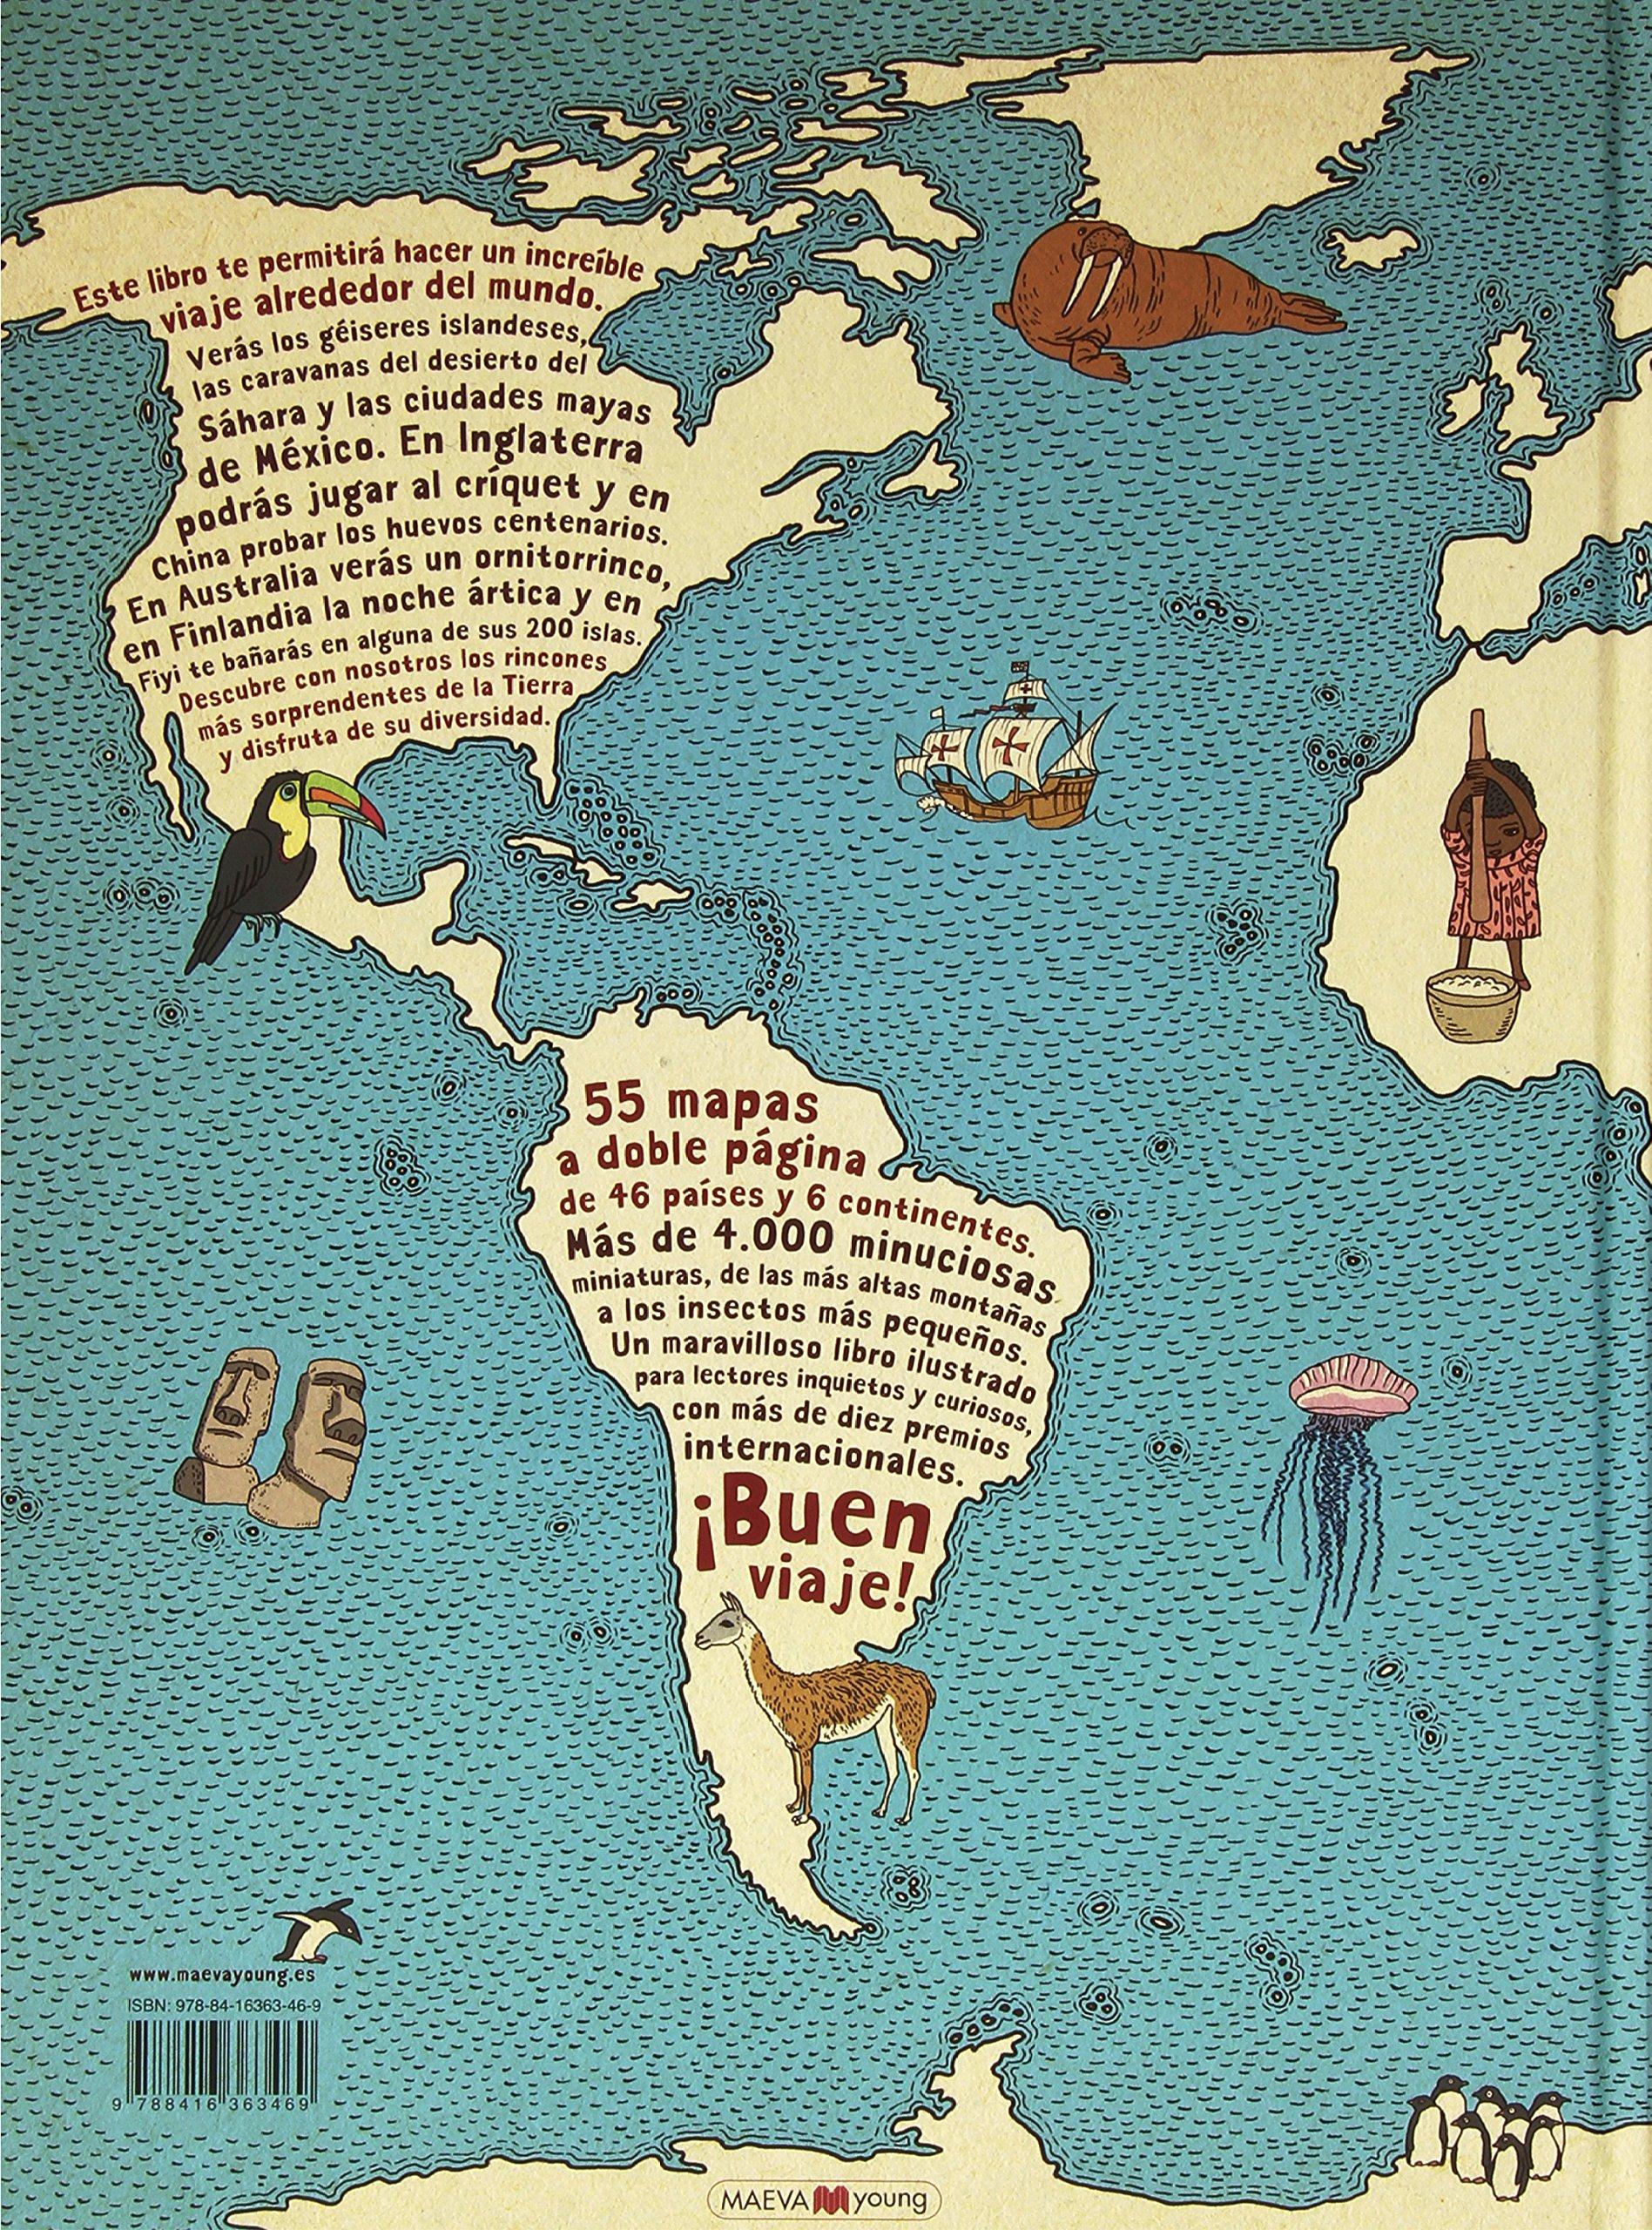 Atlas del mundo (Spanish Edition): Daniel, Mizieliriska, Aleksandra  Mizieliski, Maeva: 9788416363469: Amazon.com: Books